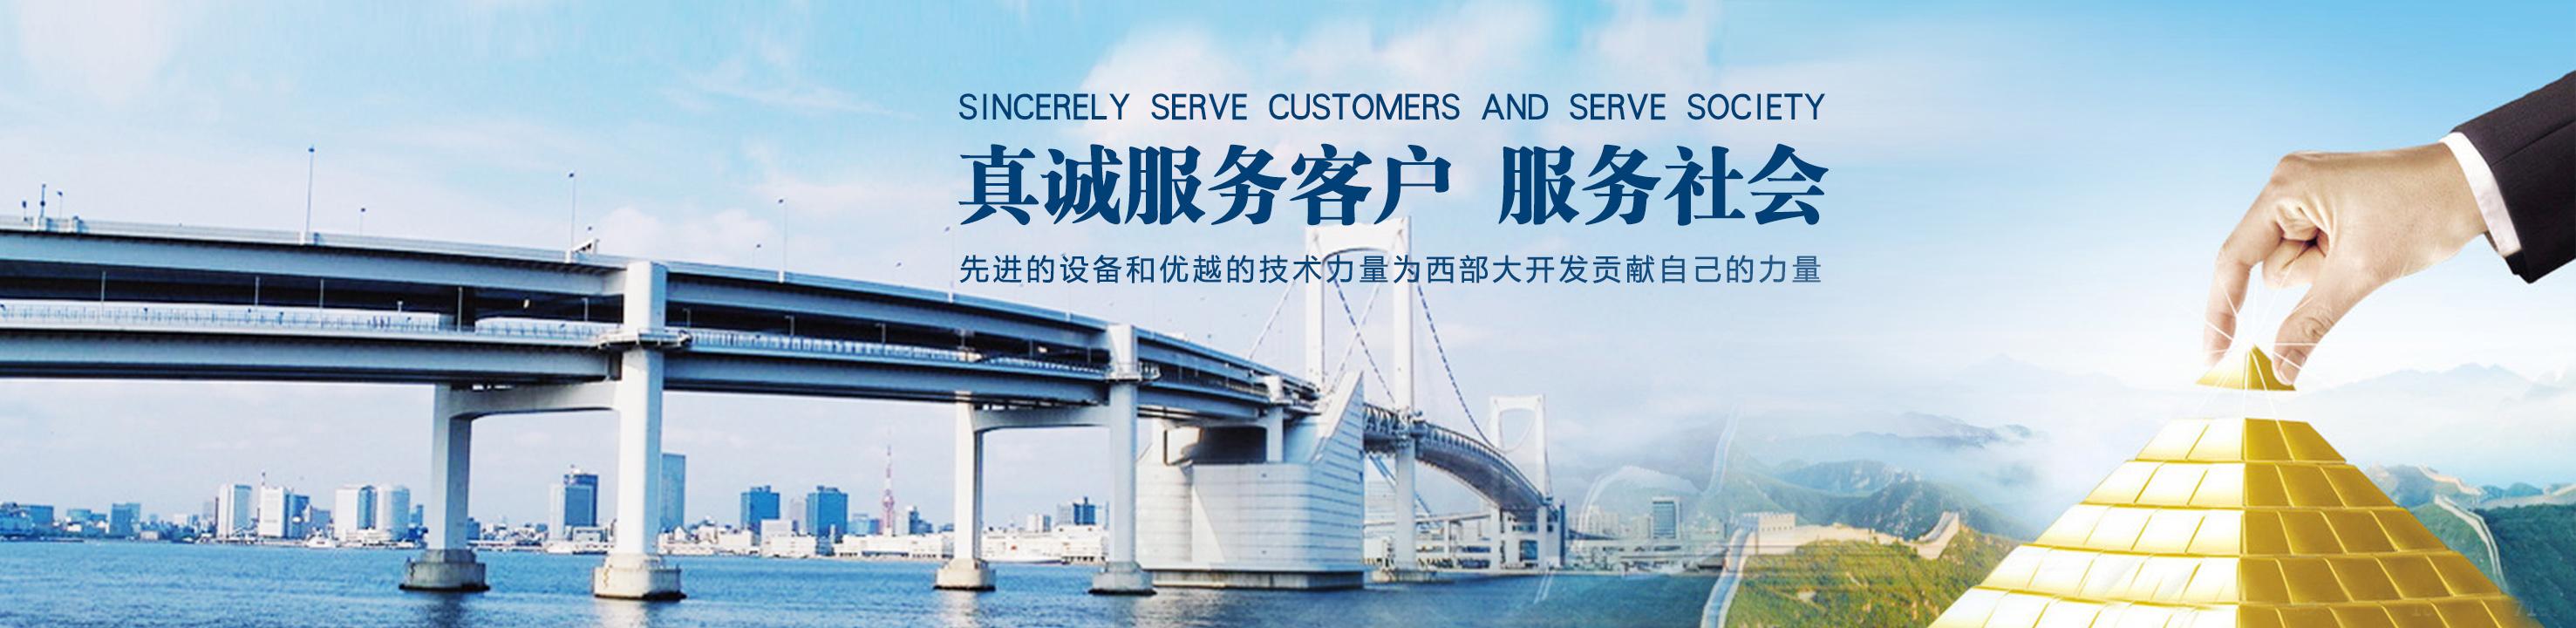 贵州云顶娱乐南检验检测集团